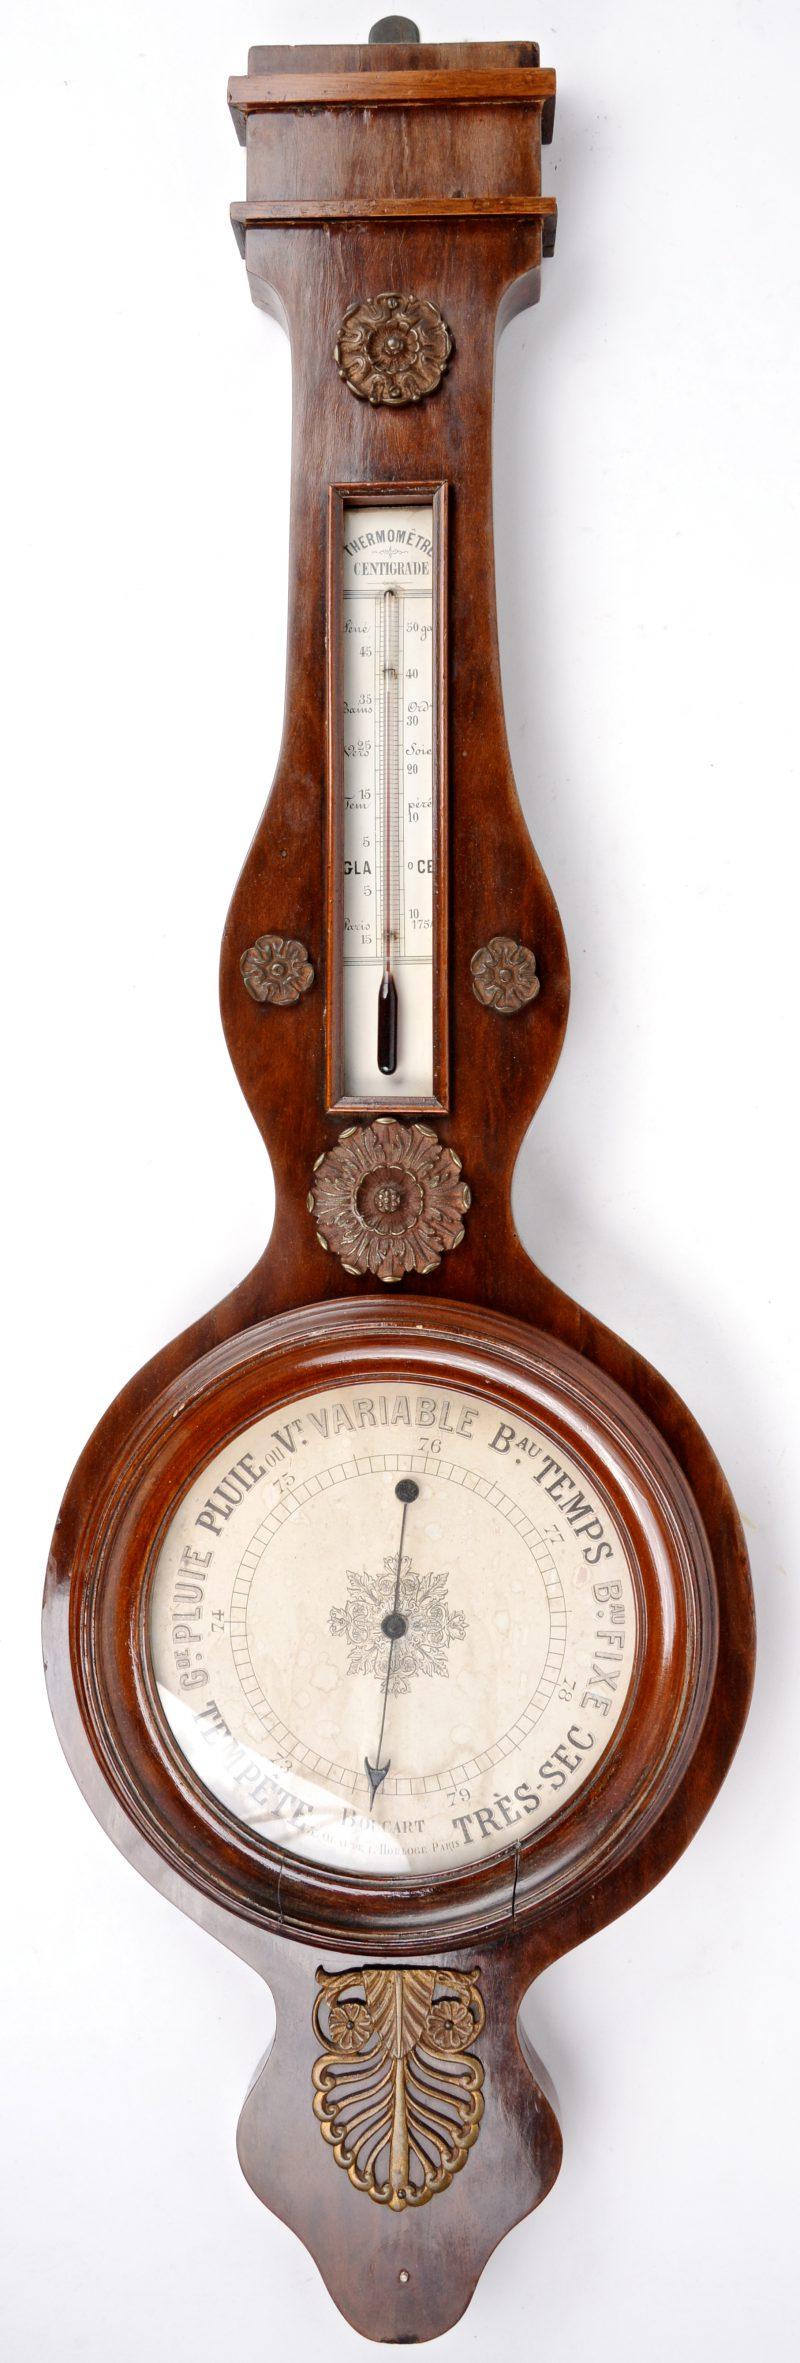 Een banjobarometer in mahoniehouten kast. XIXe eeuw.